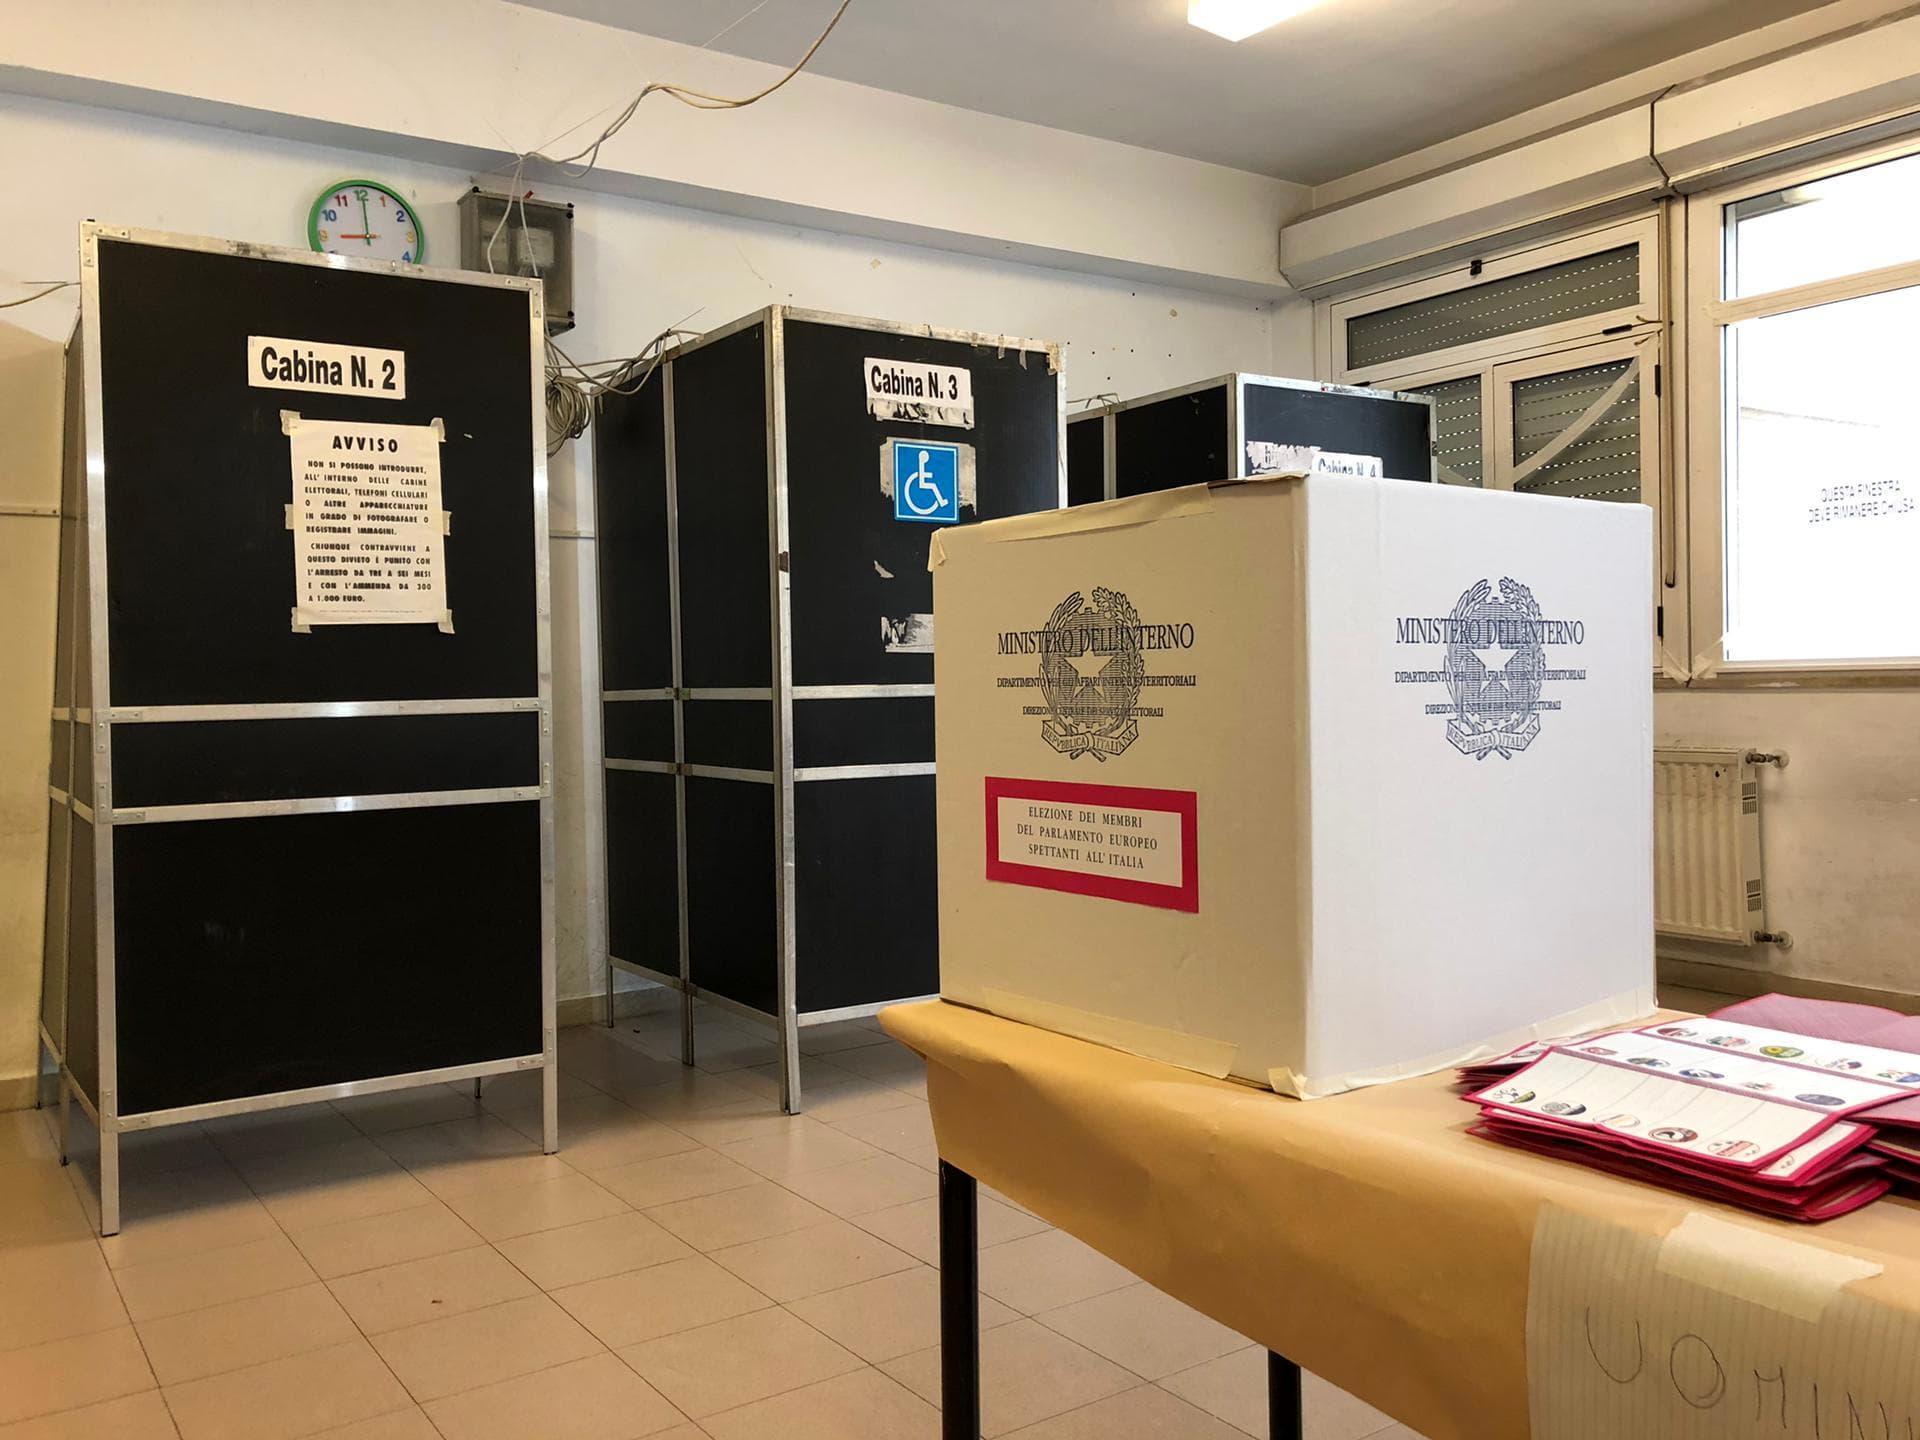 Elezioni voti urne4-2-2